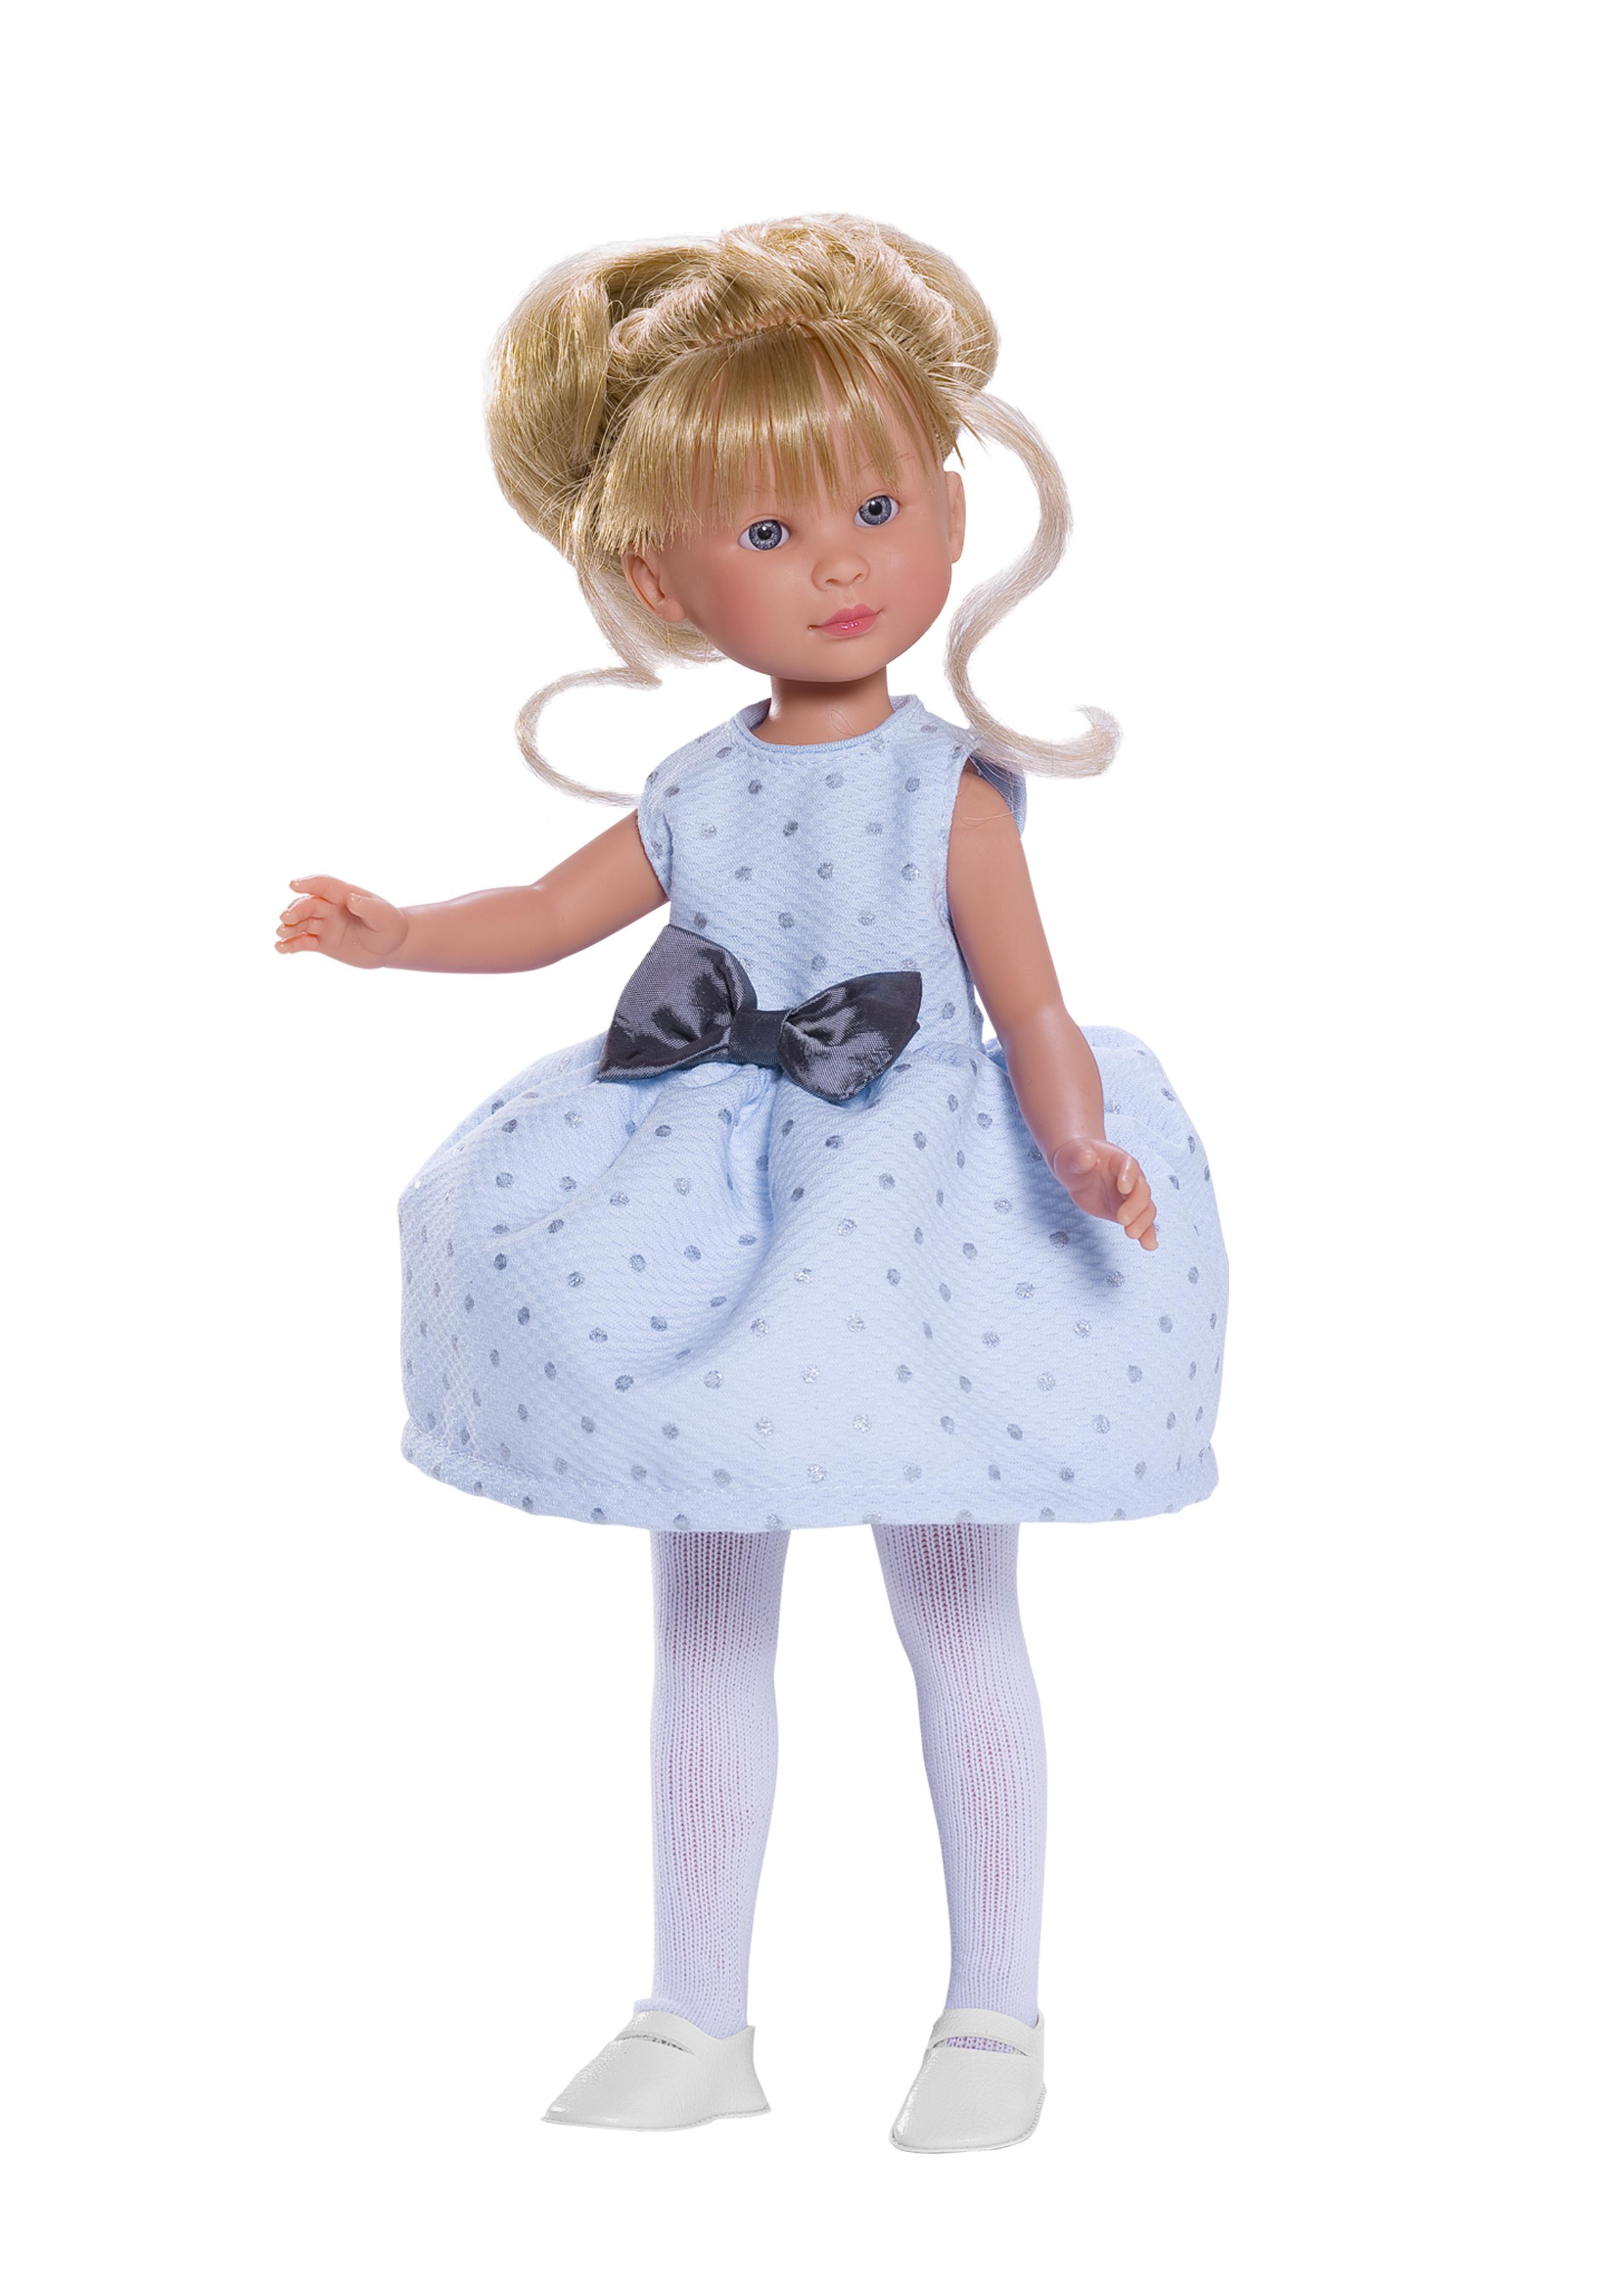 Кукла Селия в голубом платье, 30 см., ASI  - купить со скидкой